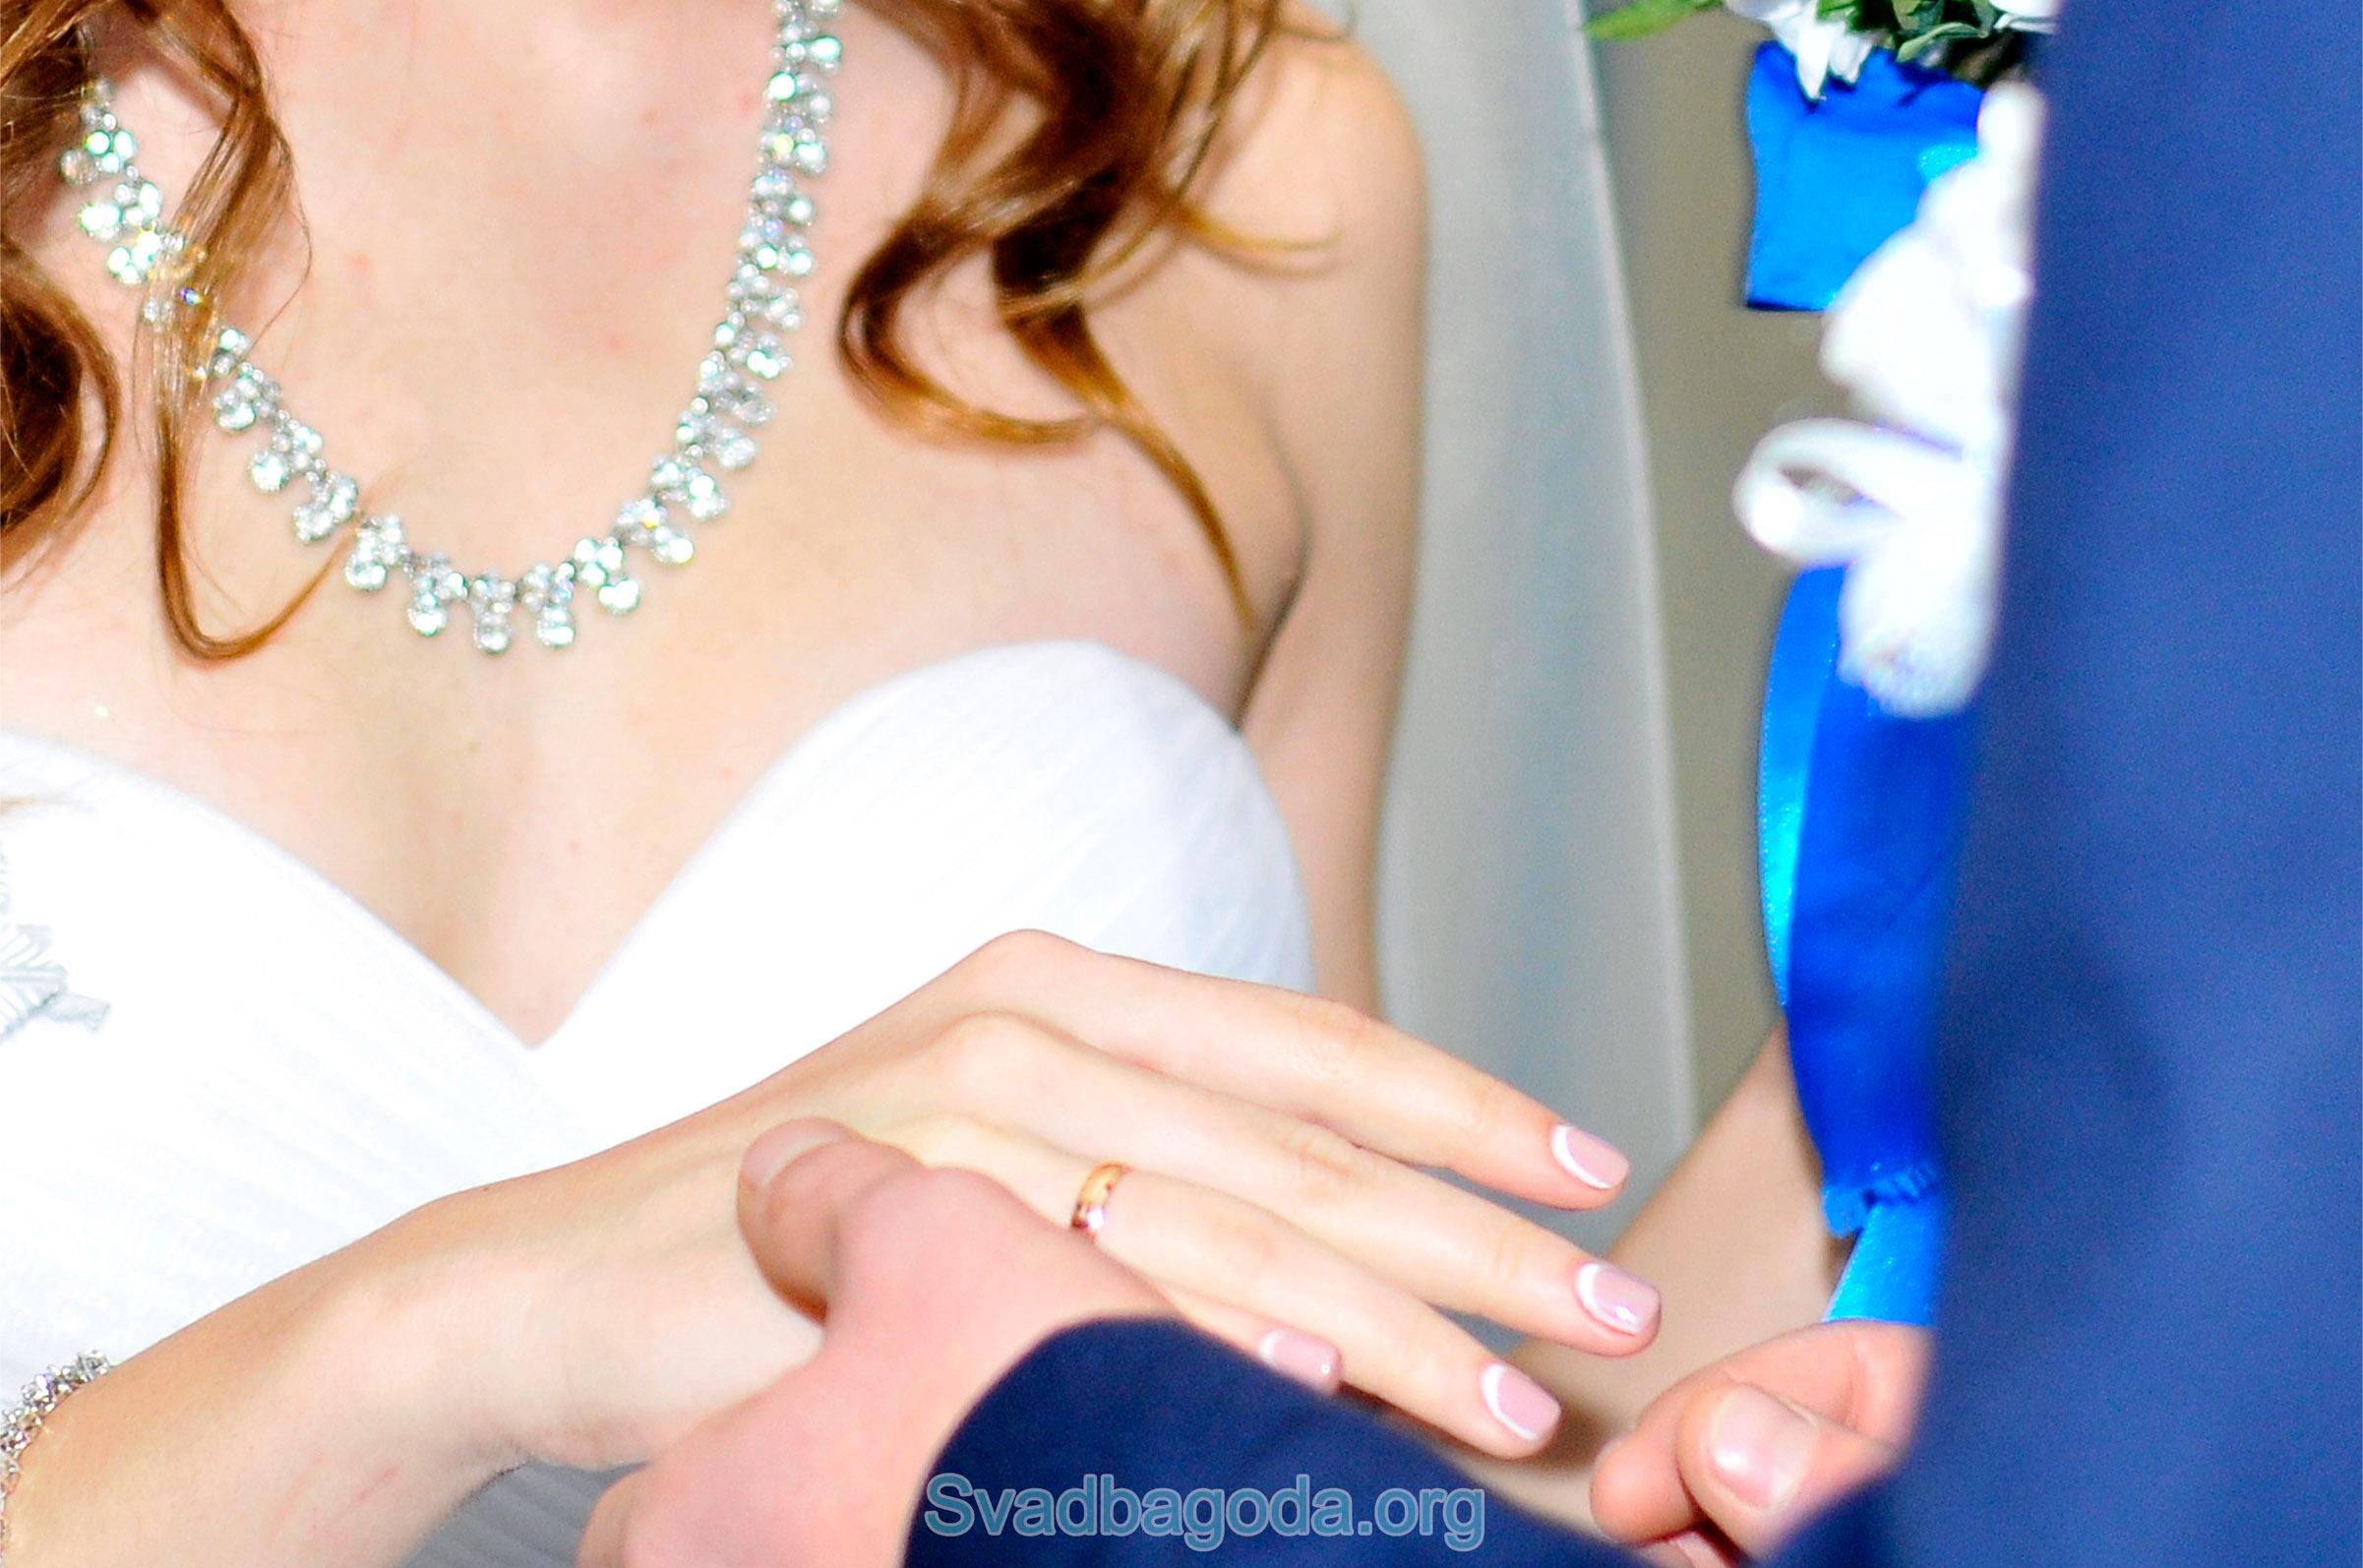 через сколько играют свадьбу после помолвки